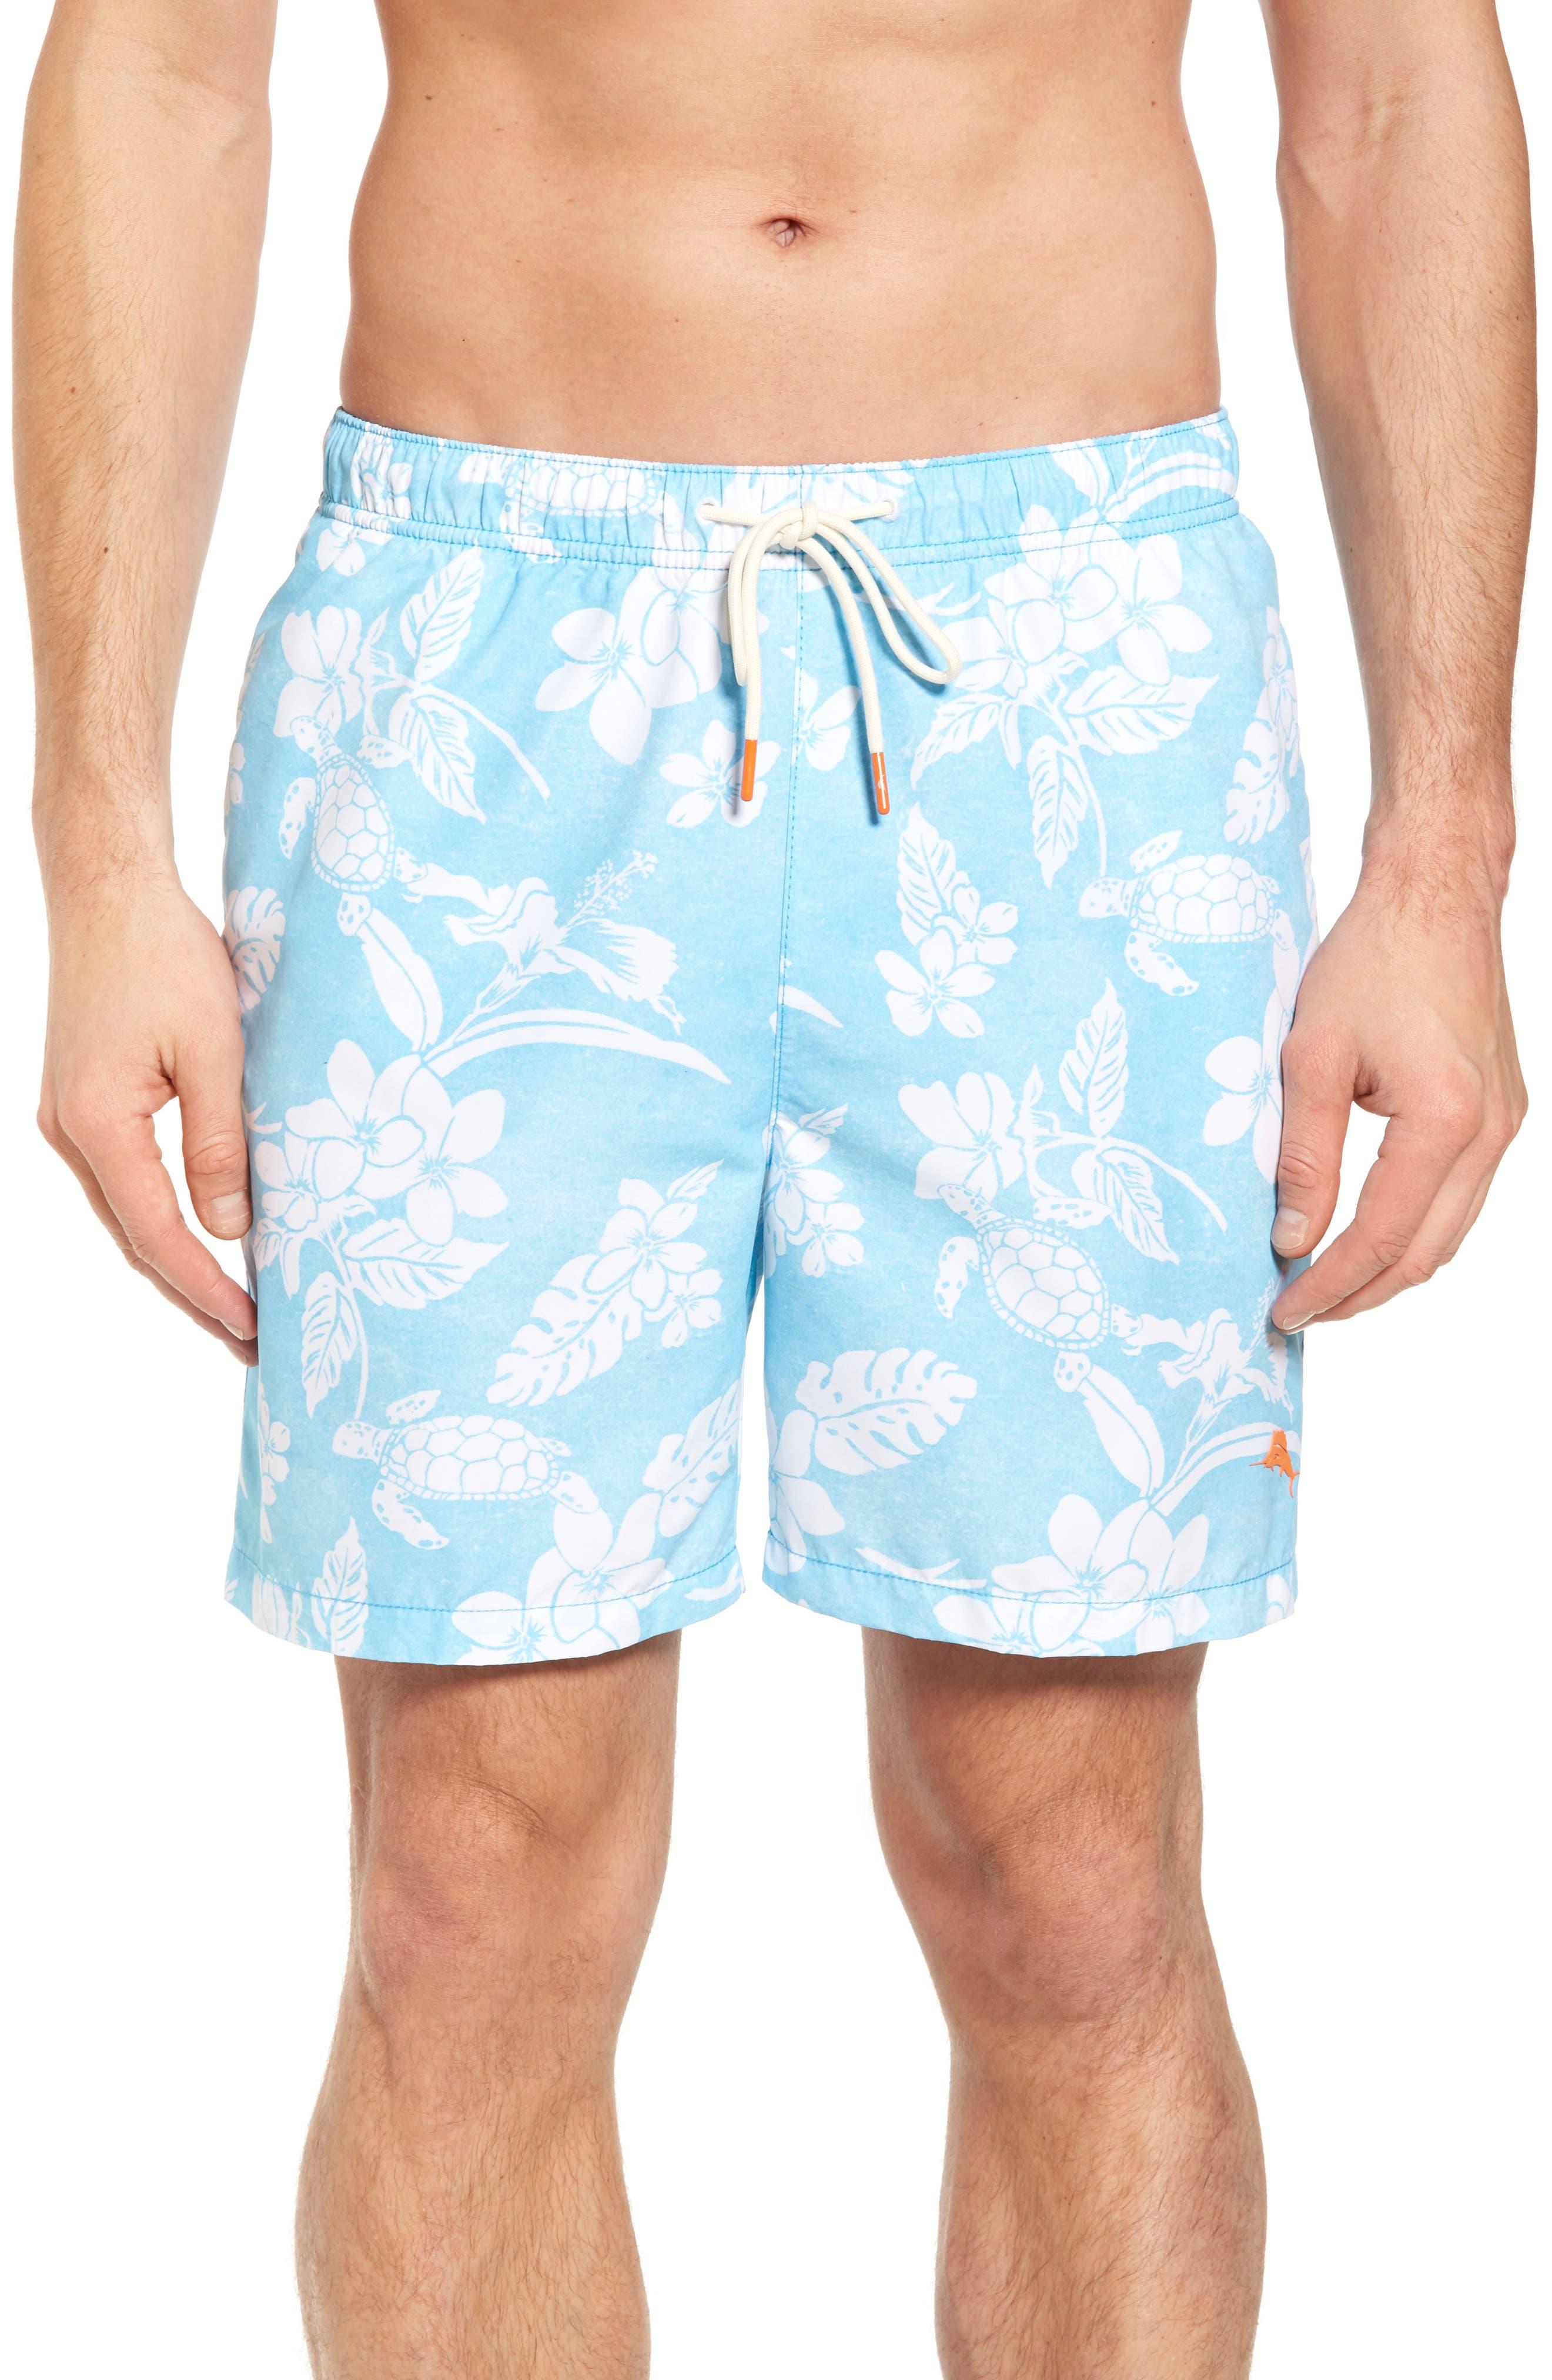 Naples Turtle Beach Swim Trunks,                         Main,                         color, Breeze Blue